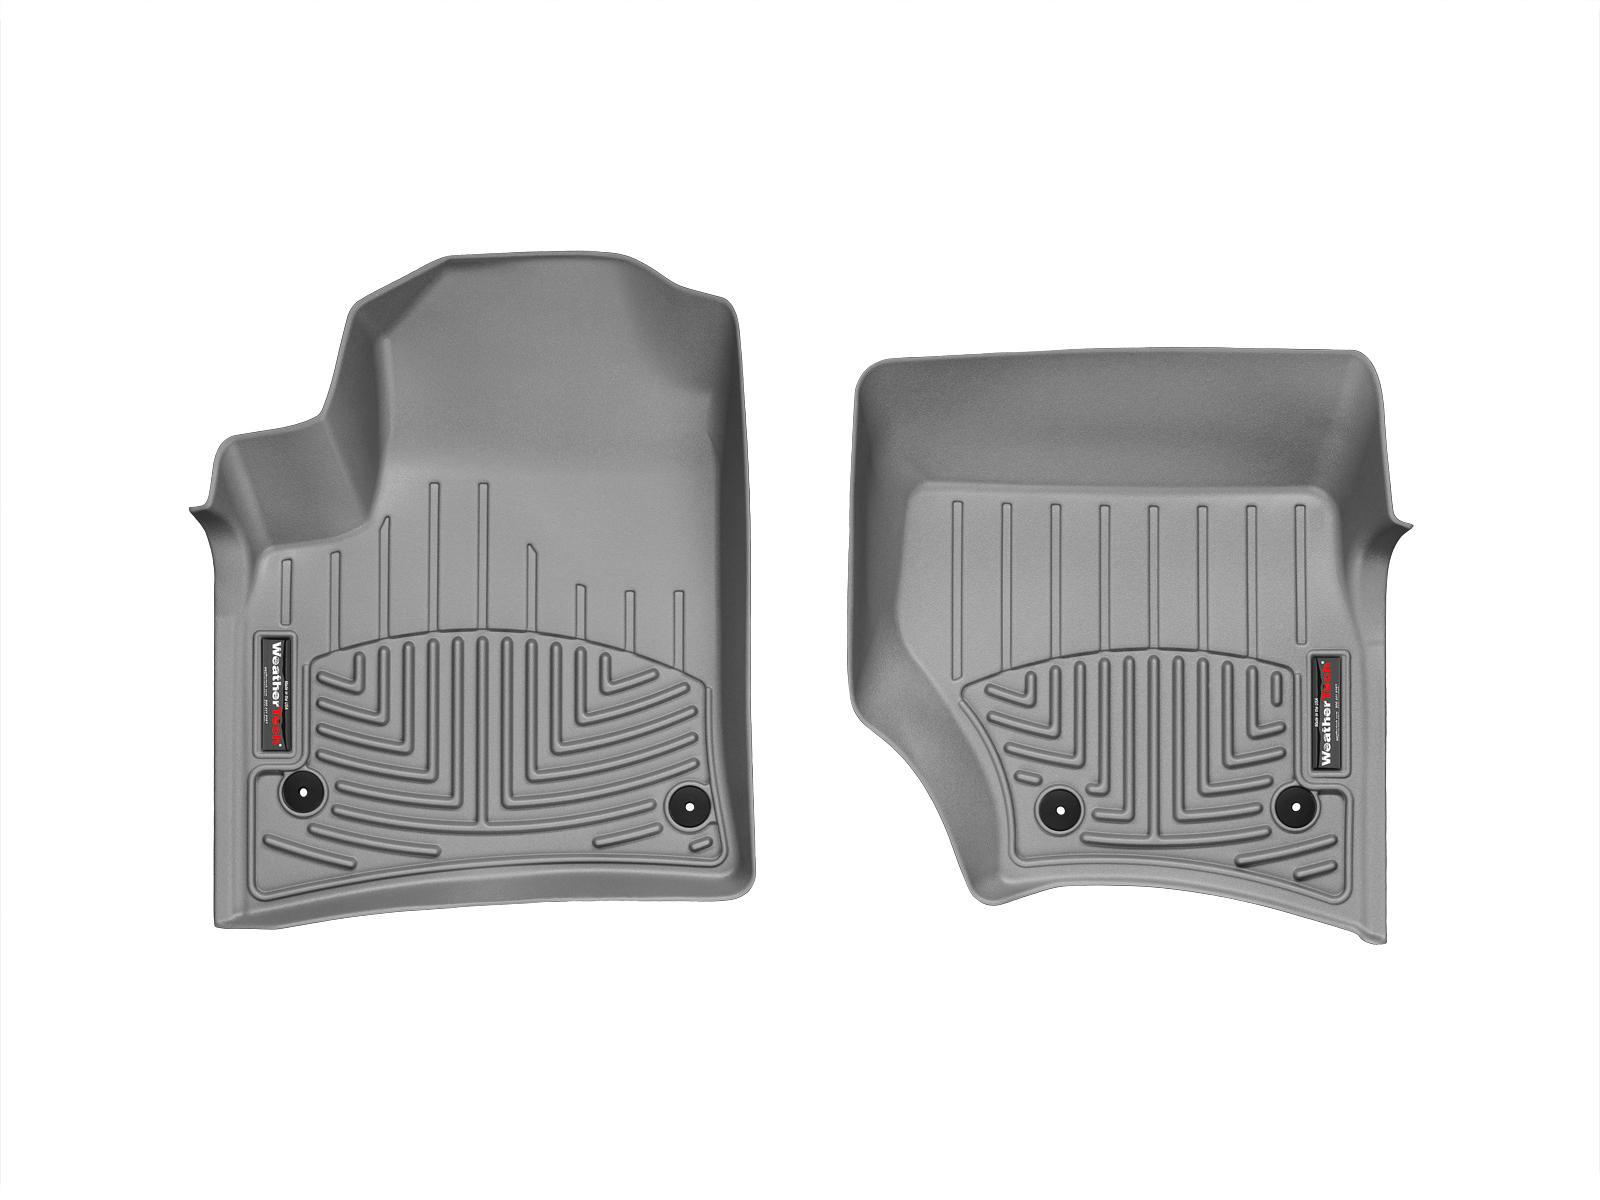 Tappeti gomma su misura bordo alto Volkswagen Touareg 09>09 Grigio A4301*